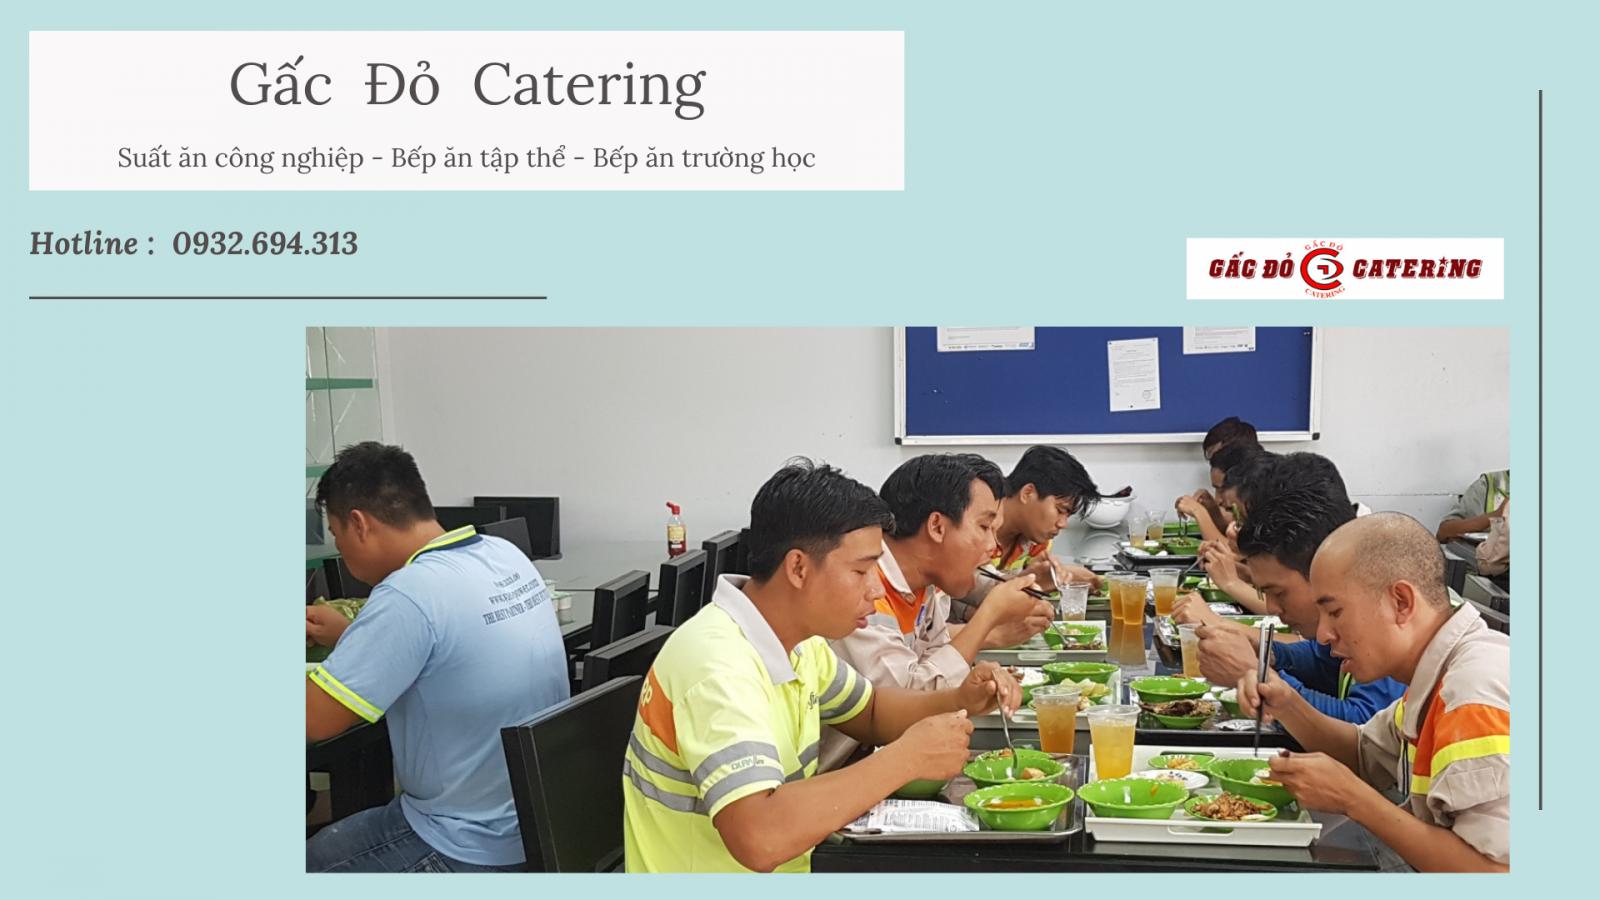 Suất  ăn công nghiệp Gấc đỏ Catering